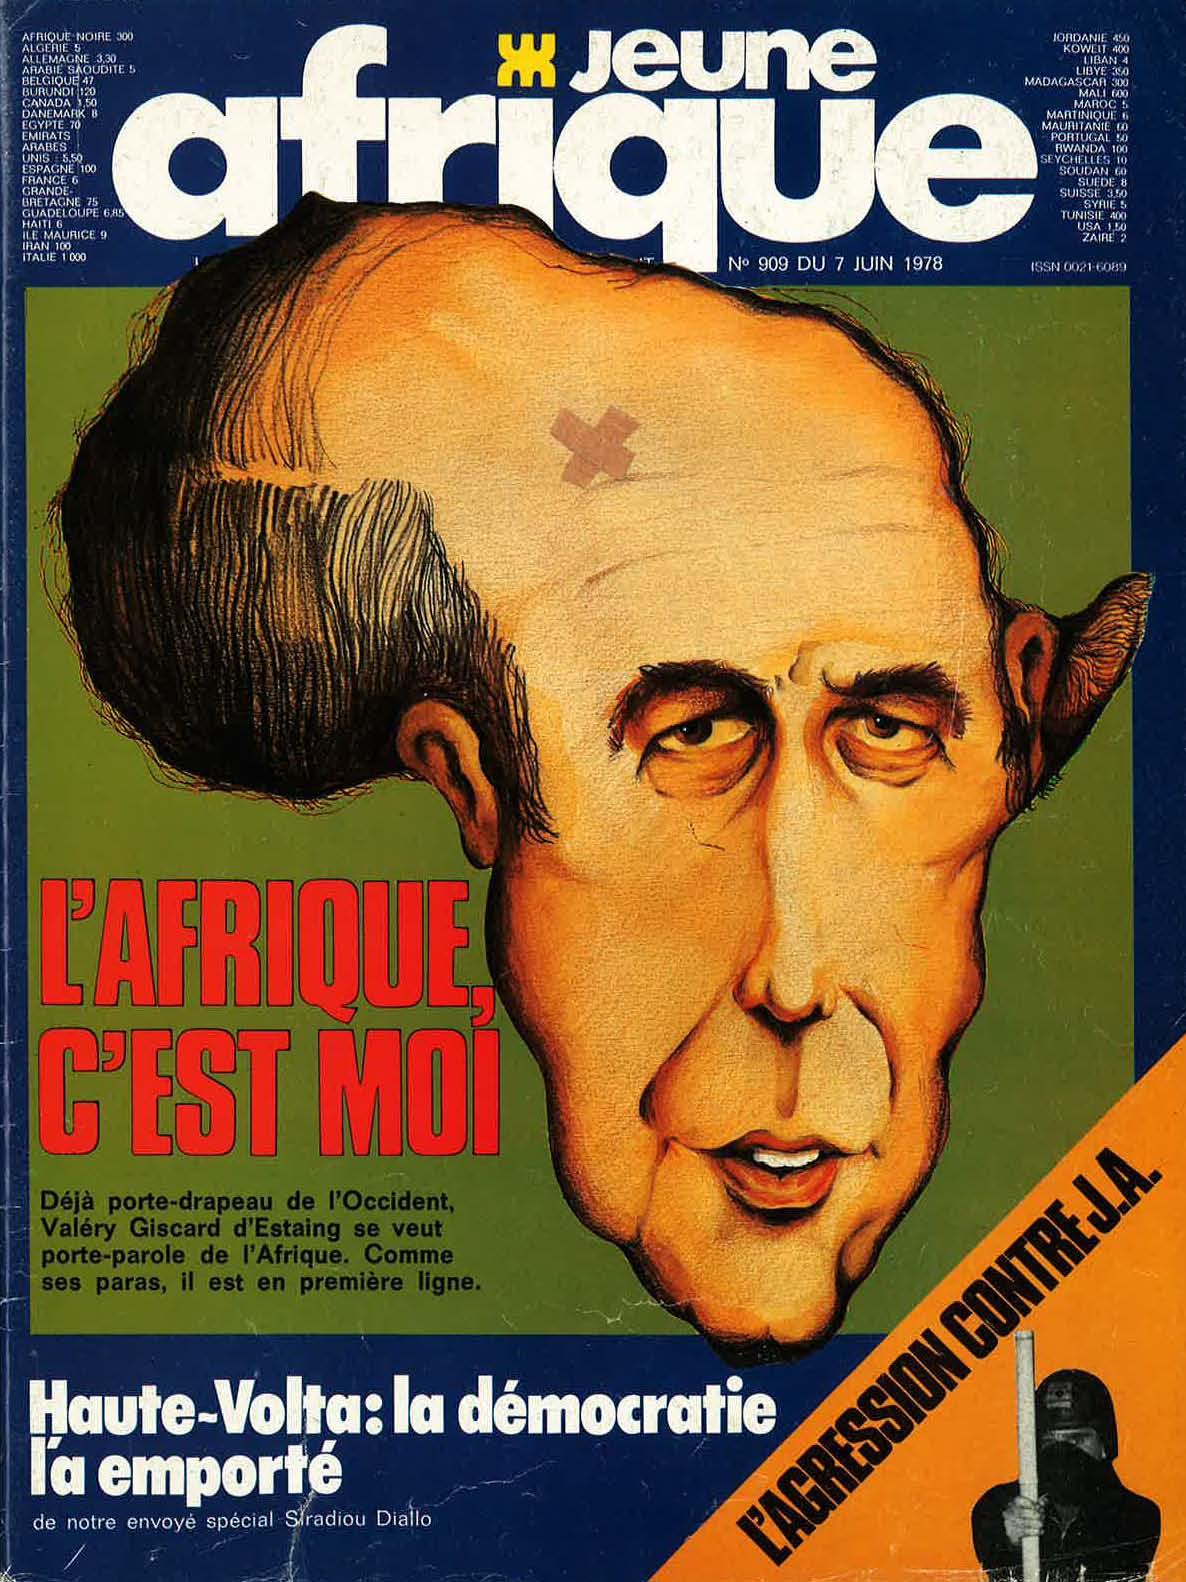 La couverture de Jeune Afrique de juin 1978.